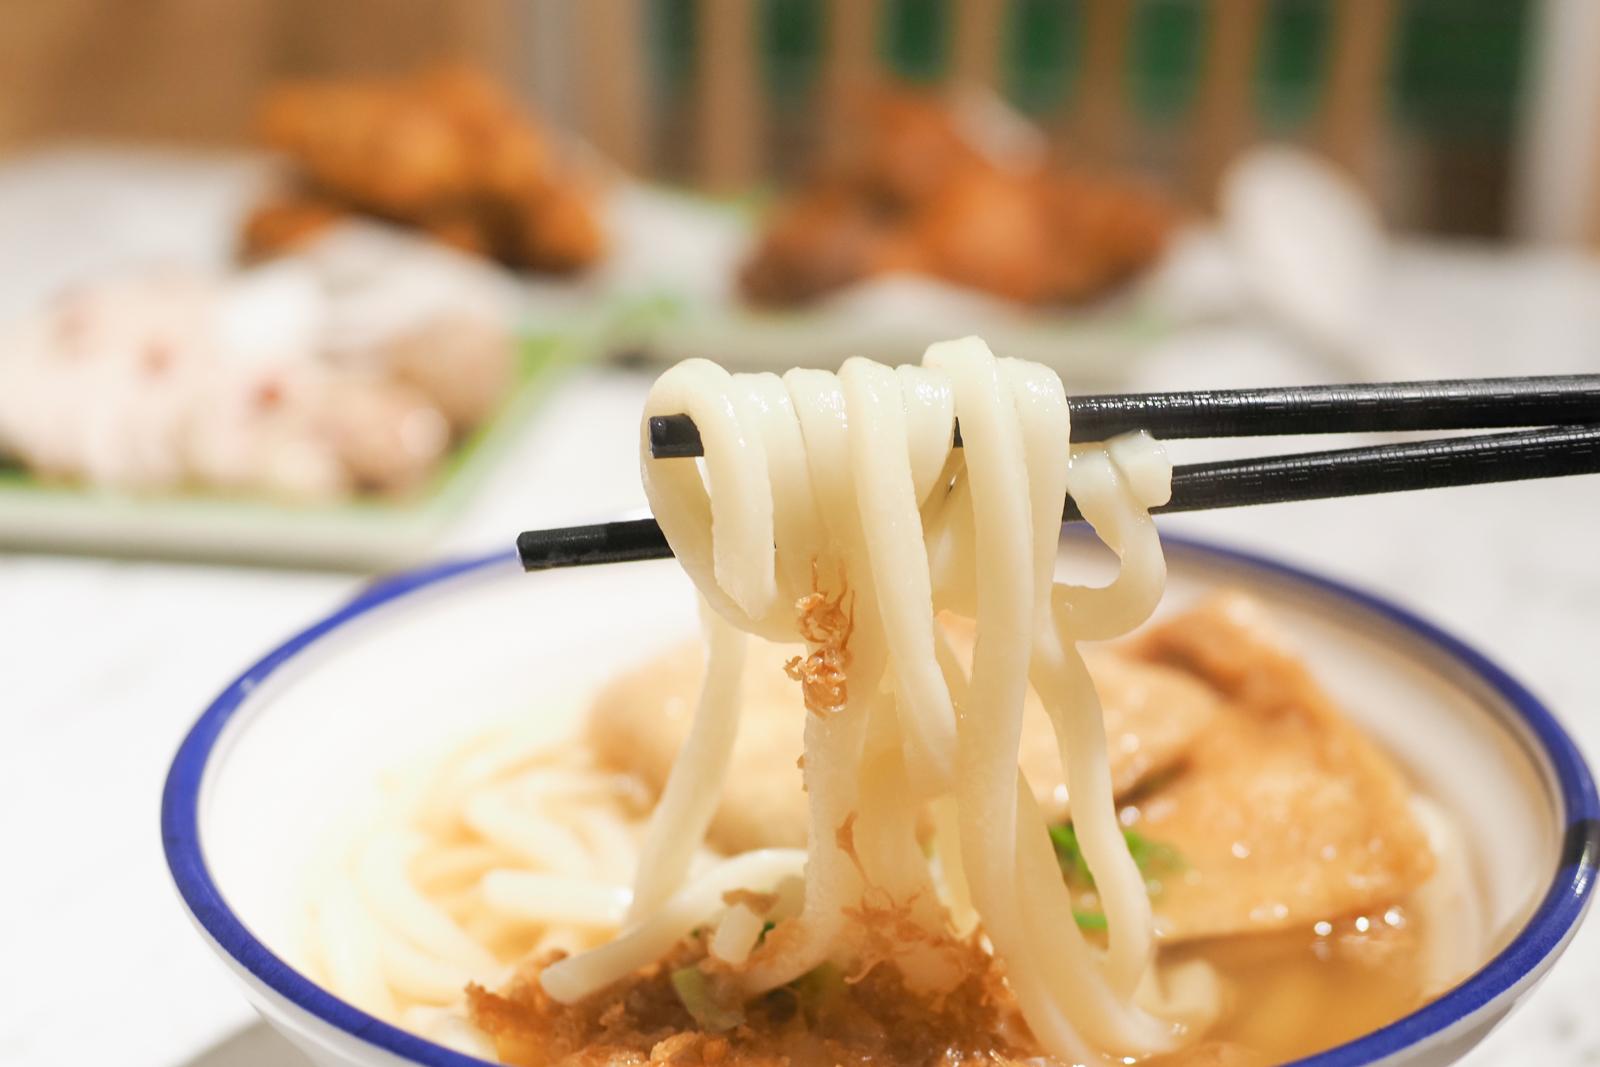 【澎湖馬公美食】高松麵所 澎湖難得一見的美味烏龍麵店!還能免費續湯續麵超佛心